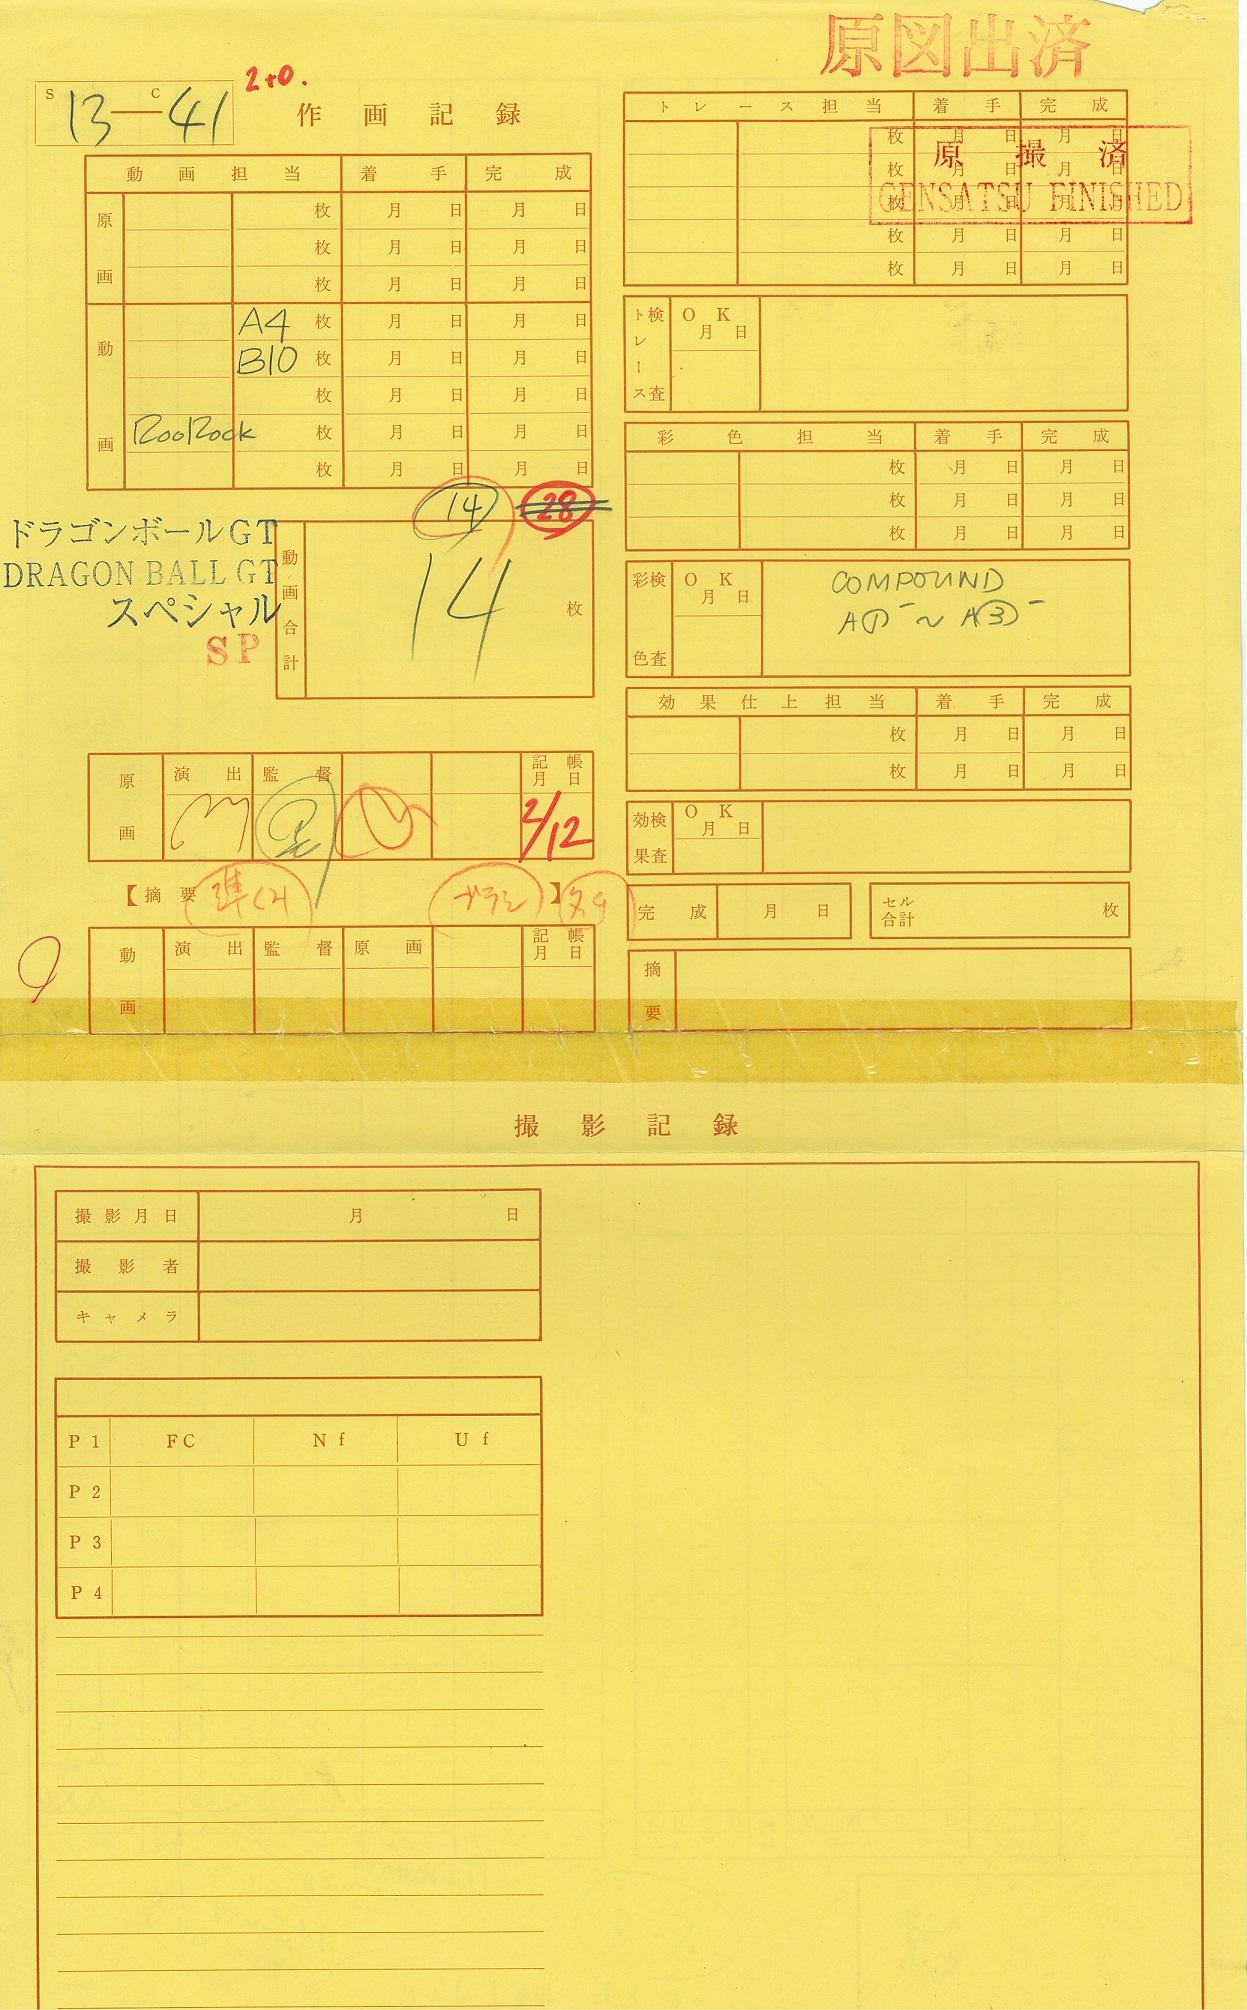 Ici, nous pouvons voir une une time sheet tirée du TV Special de Dragon Ball GT